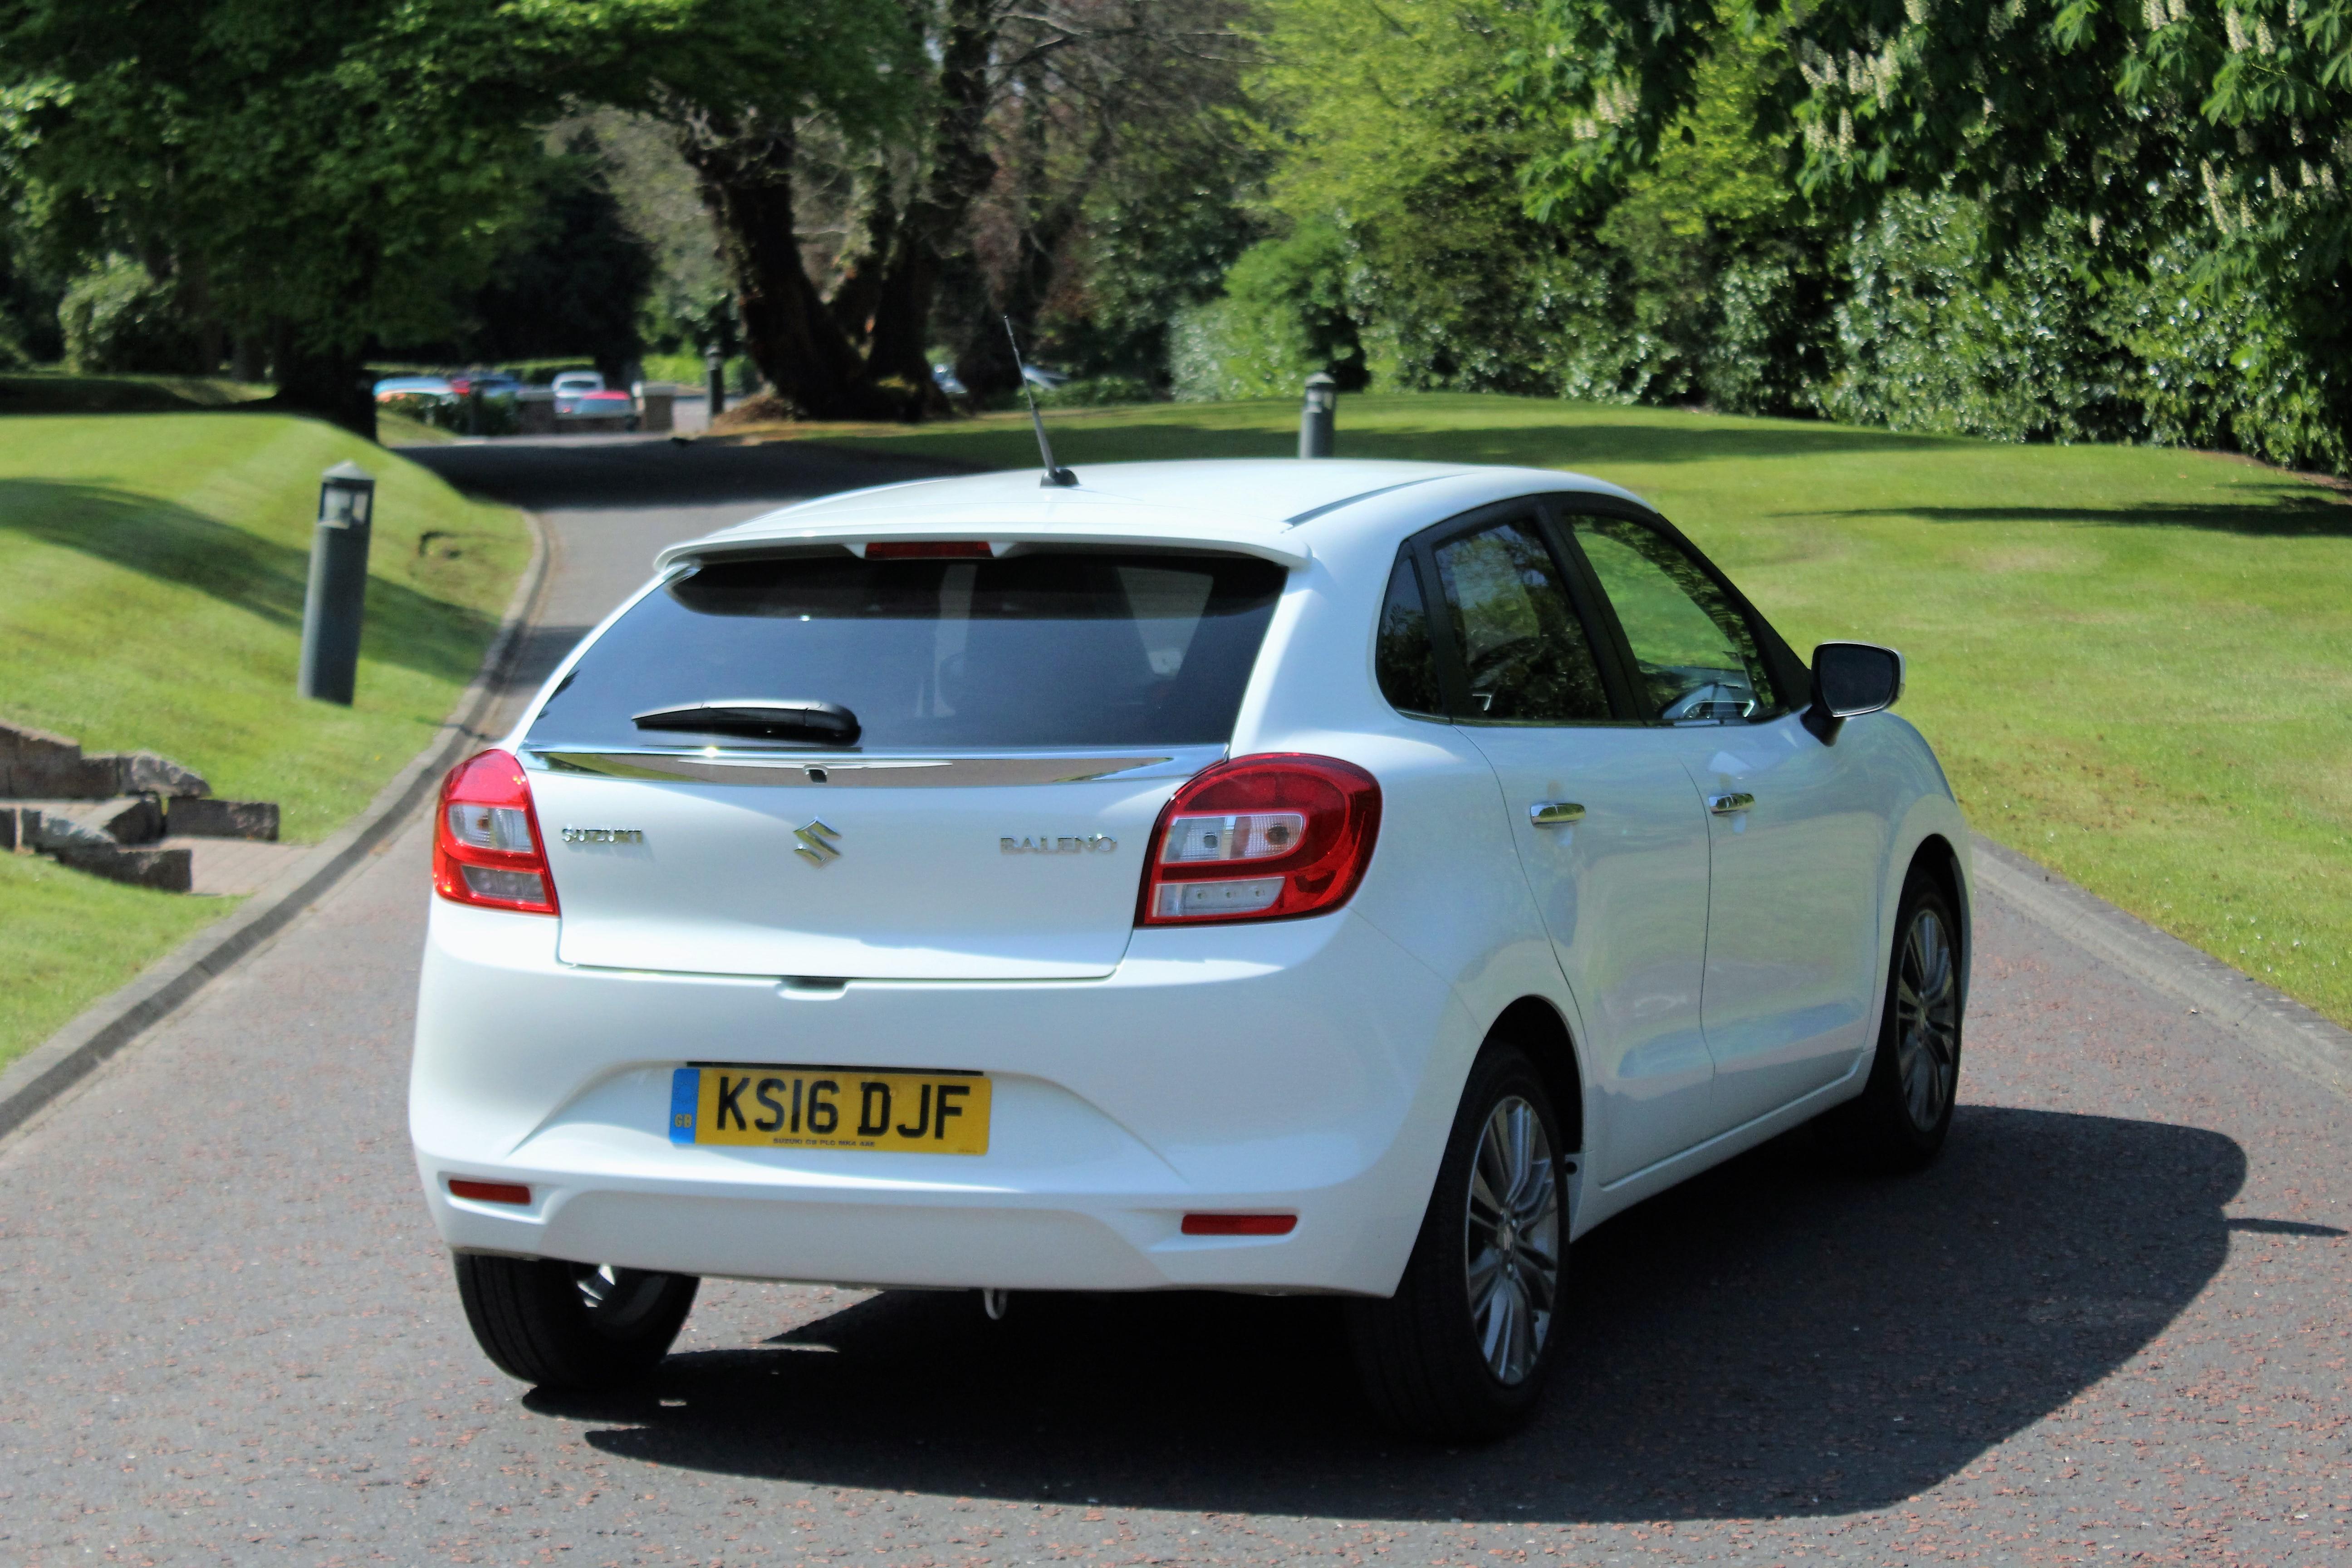 rear-white-uk-reg